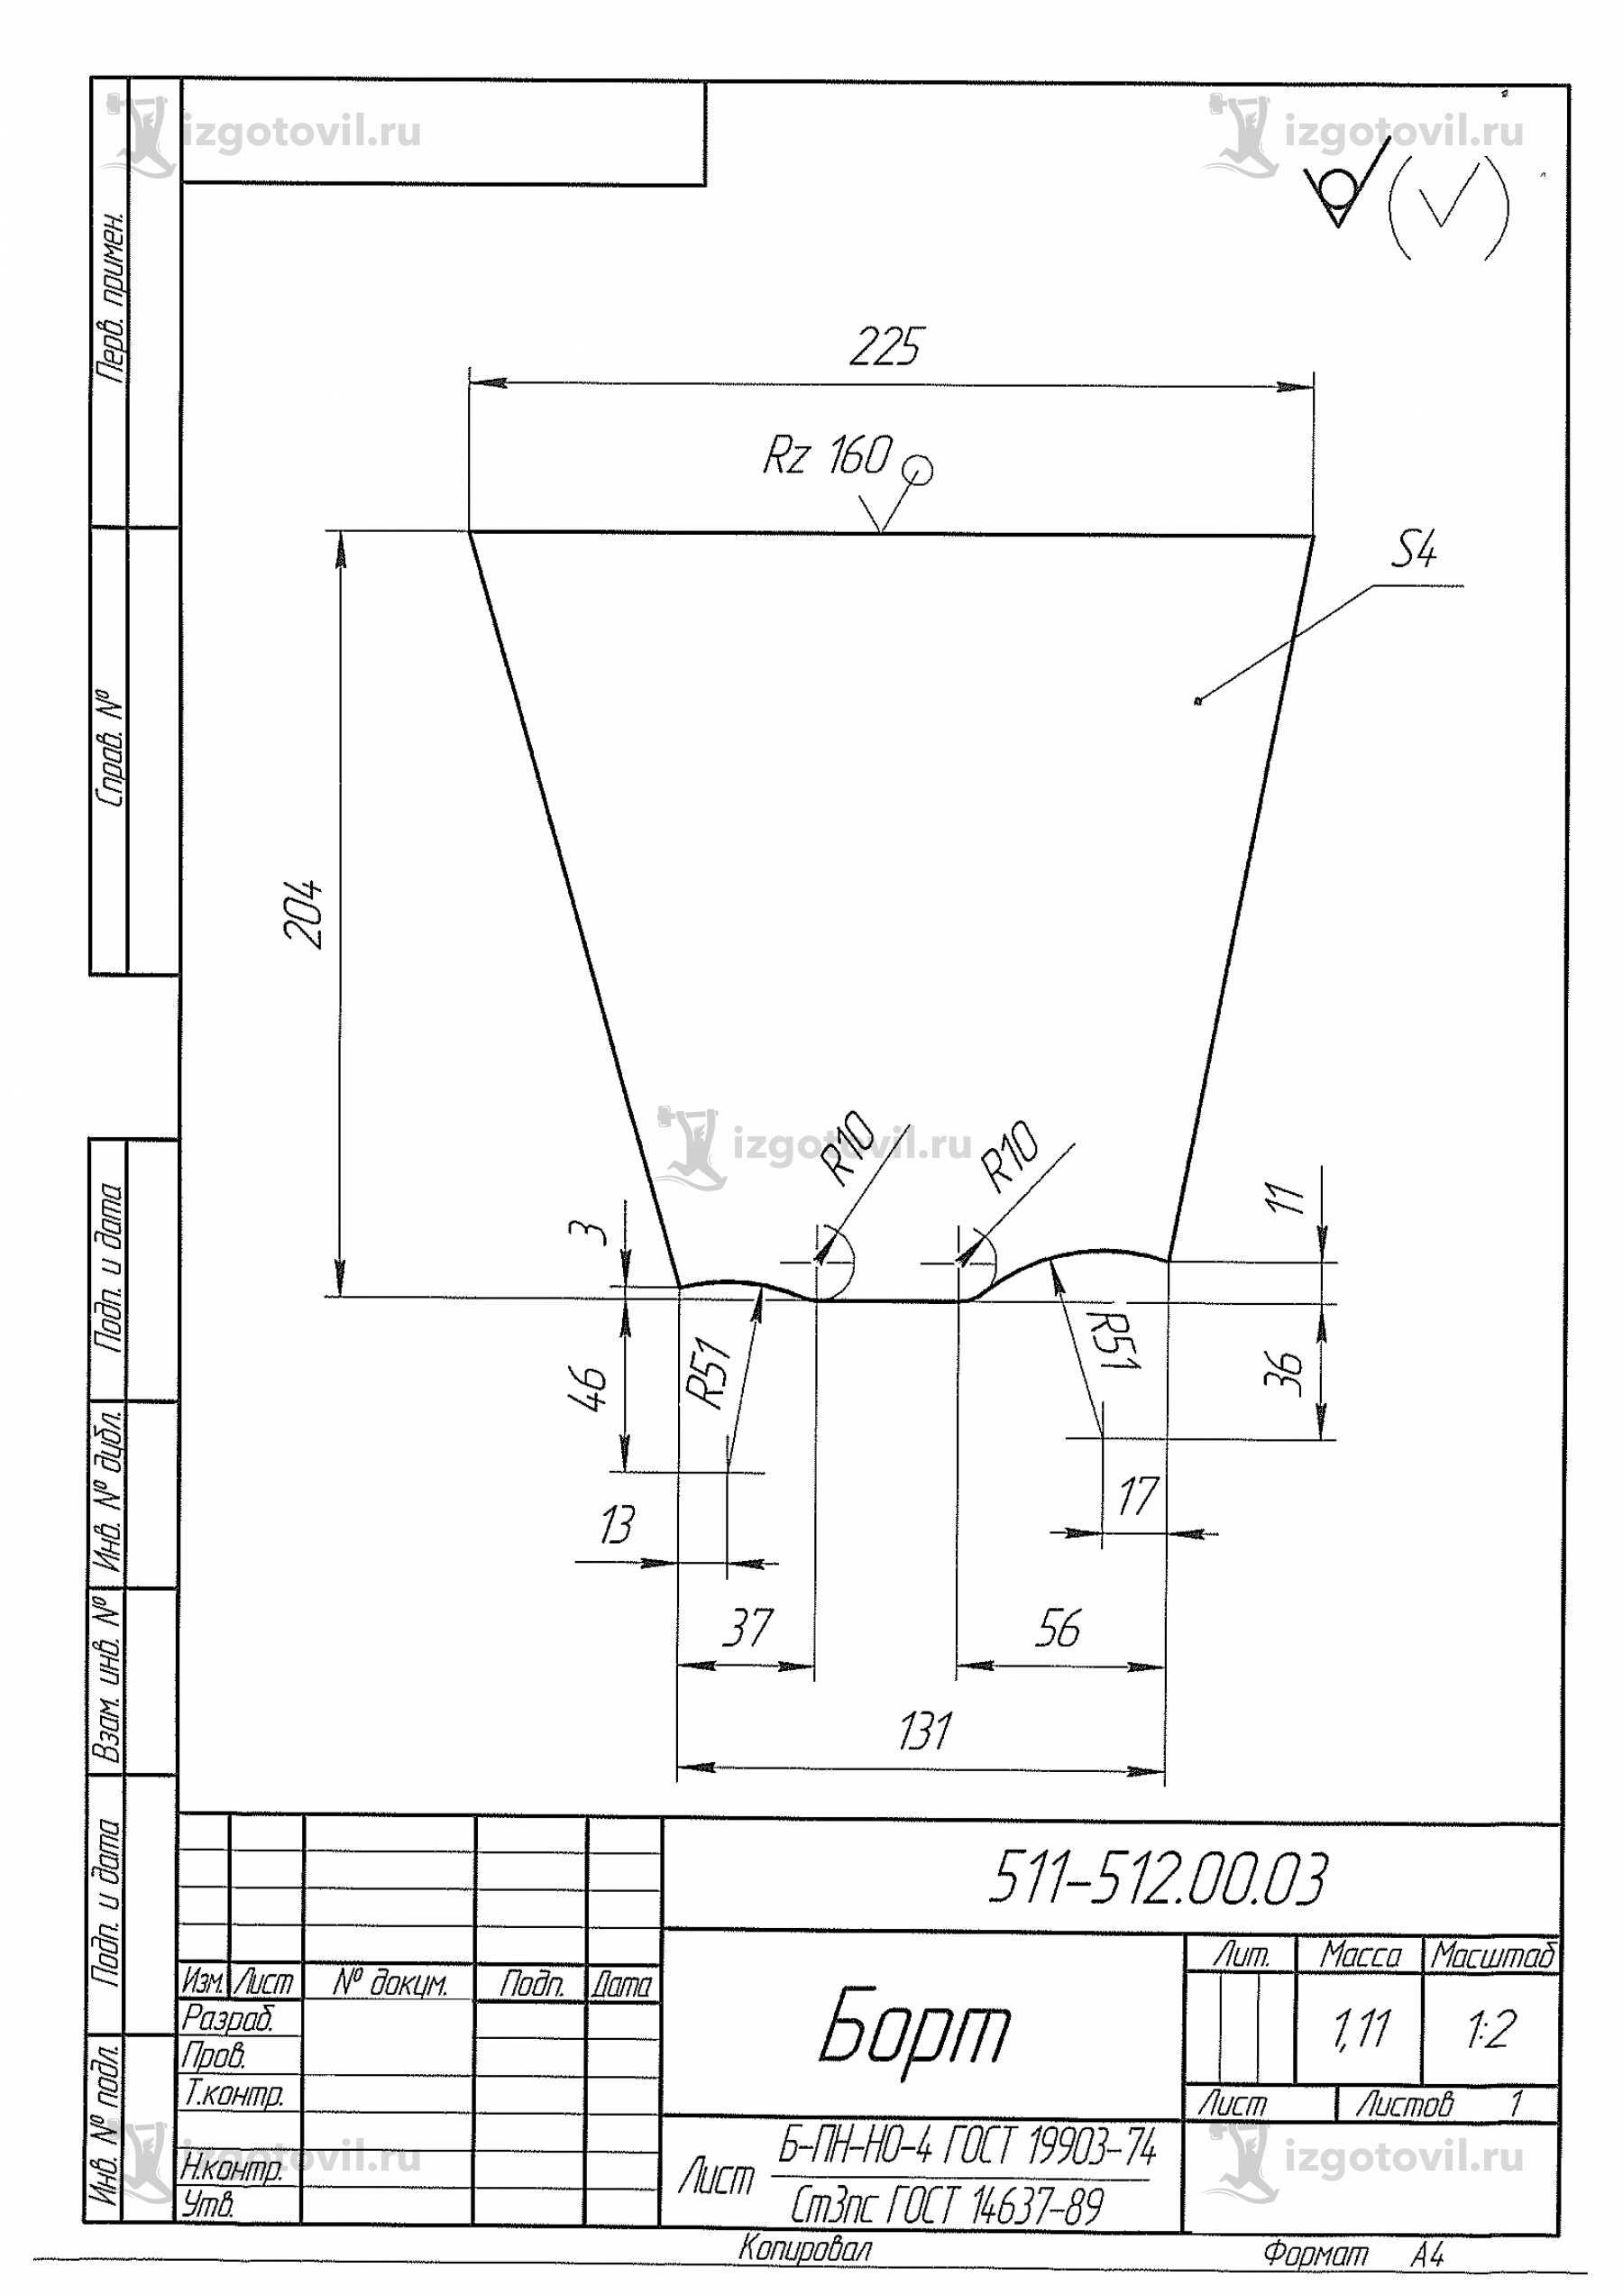 Изготовление деталей по чертежам - изготовление звена ленты пластинчатого питателя